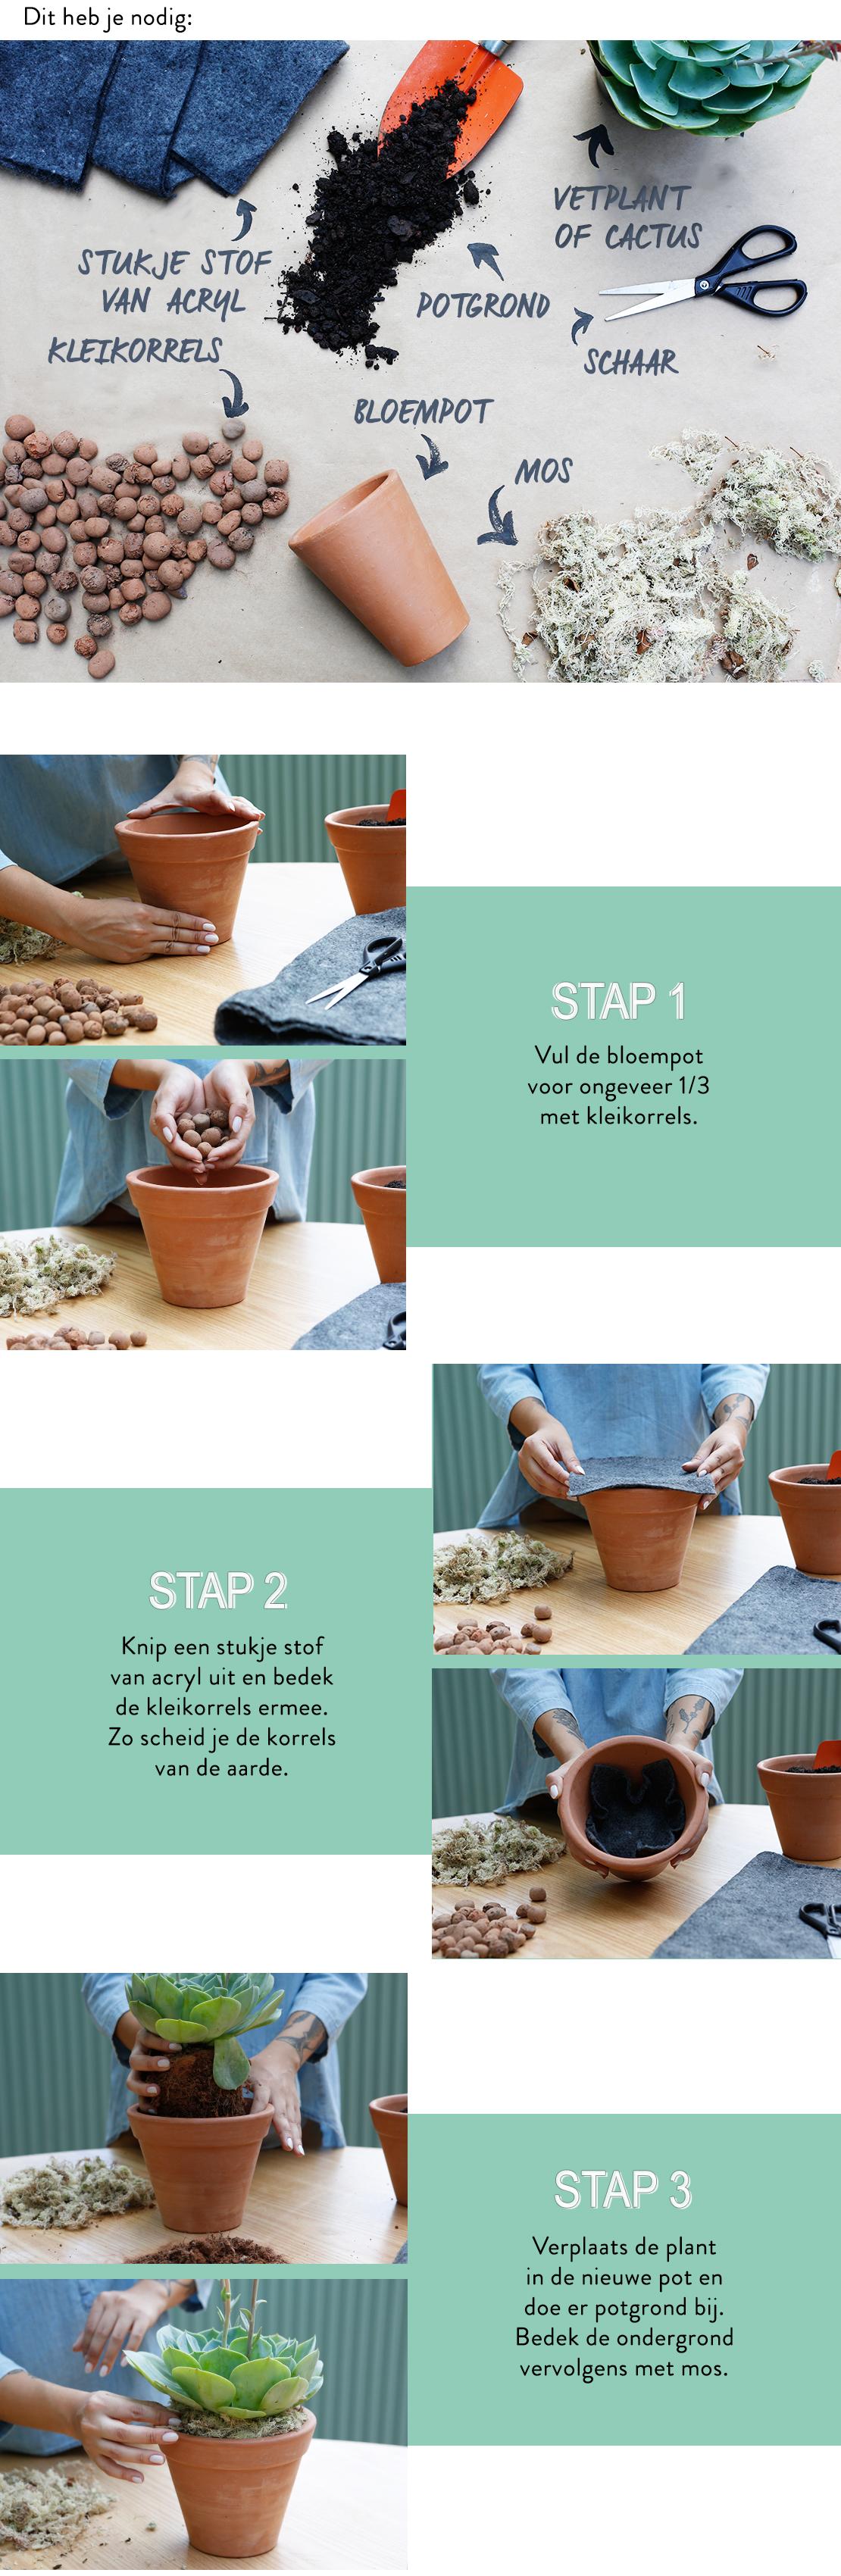 cactus-vetplanten-verpotten-stappenplan